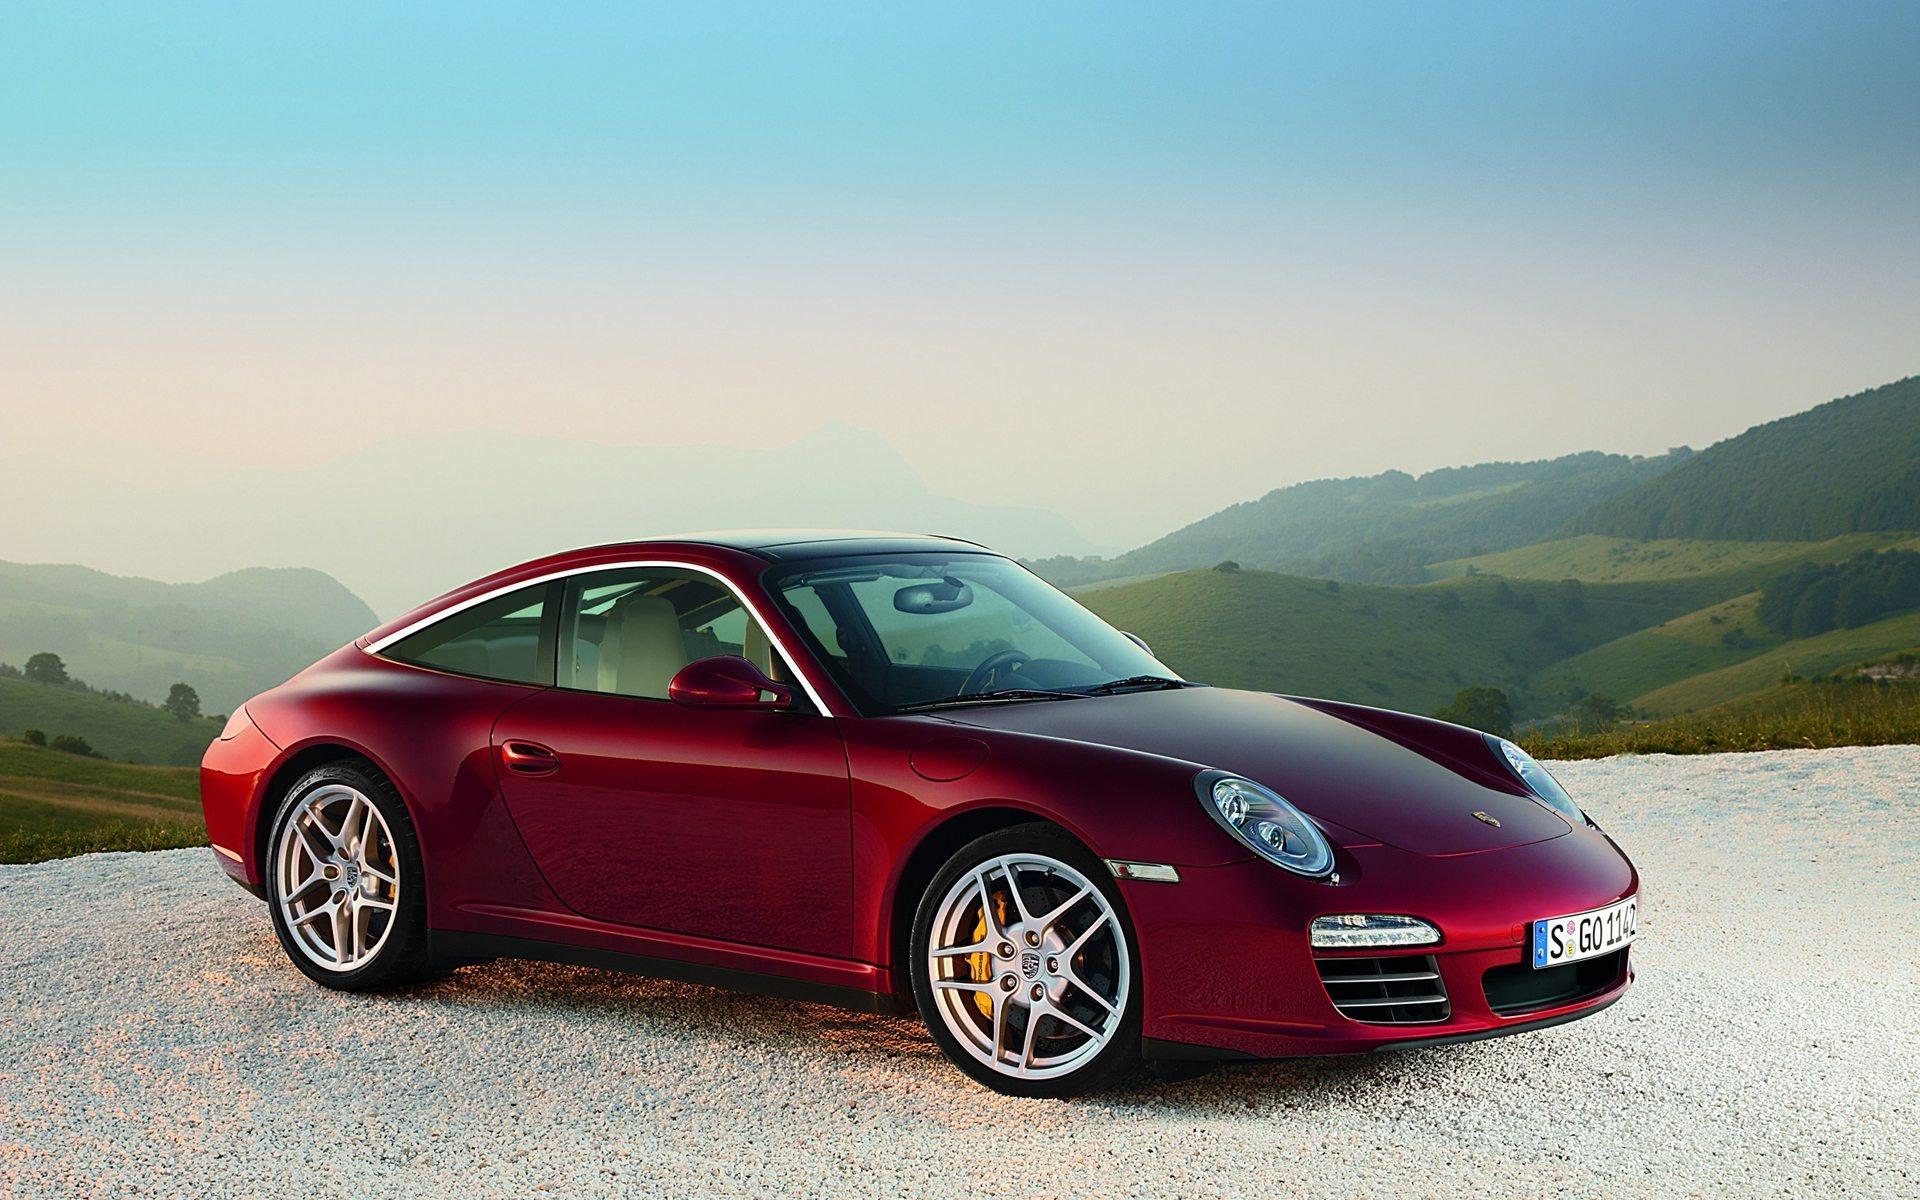 download Stunning Porsche Targa Hd Wallpaper